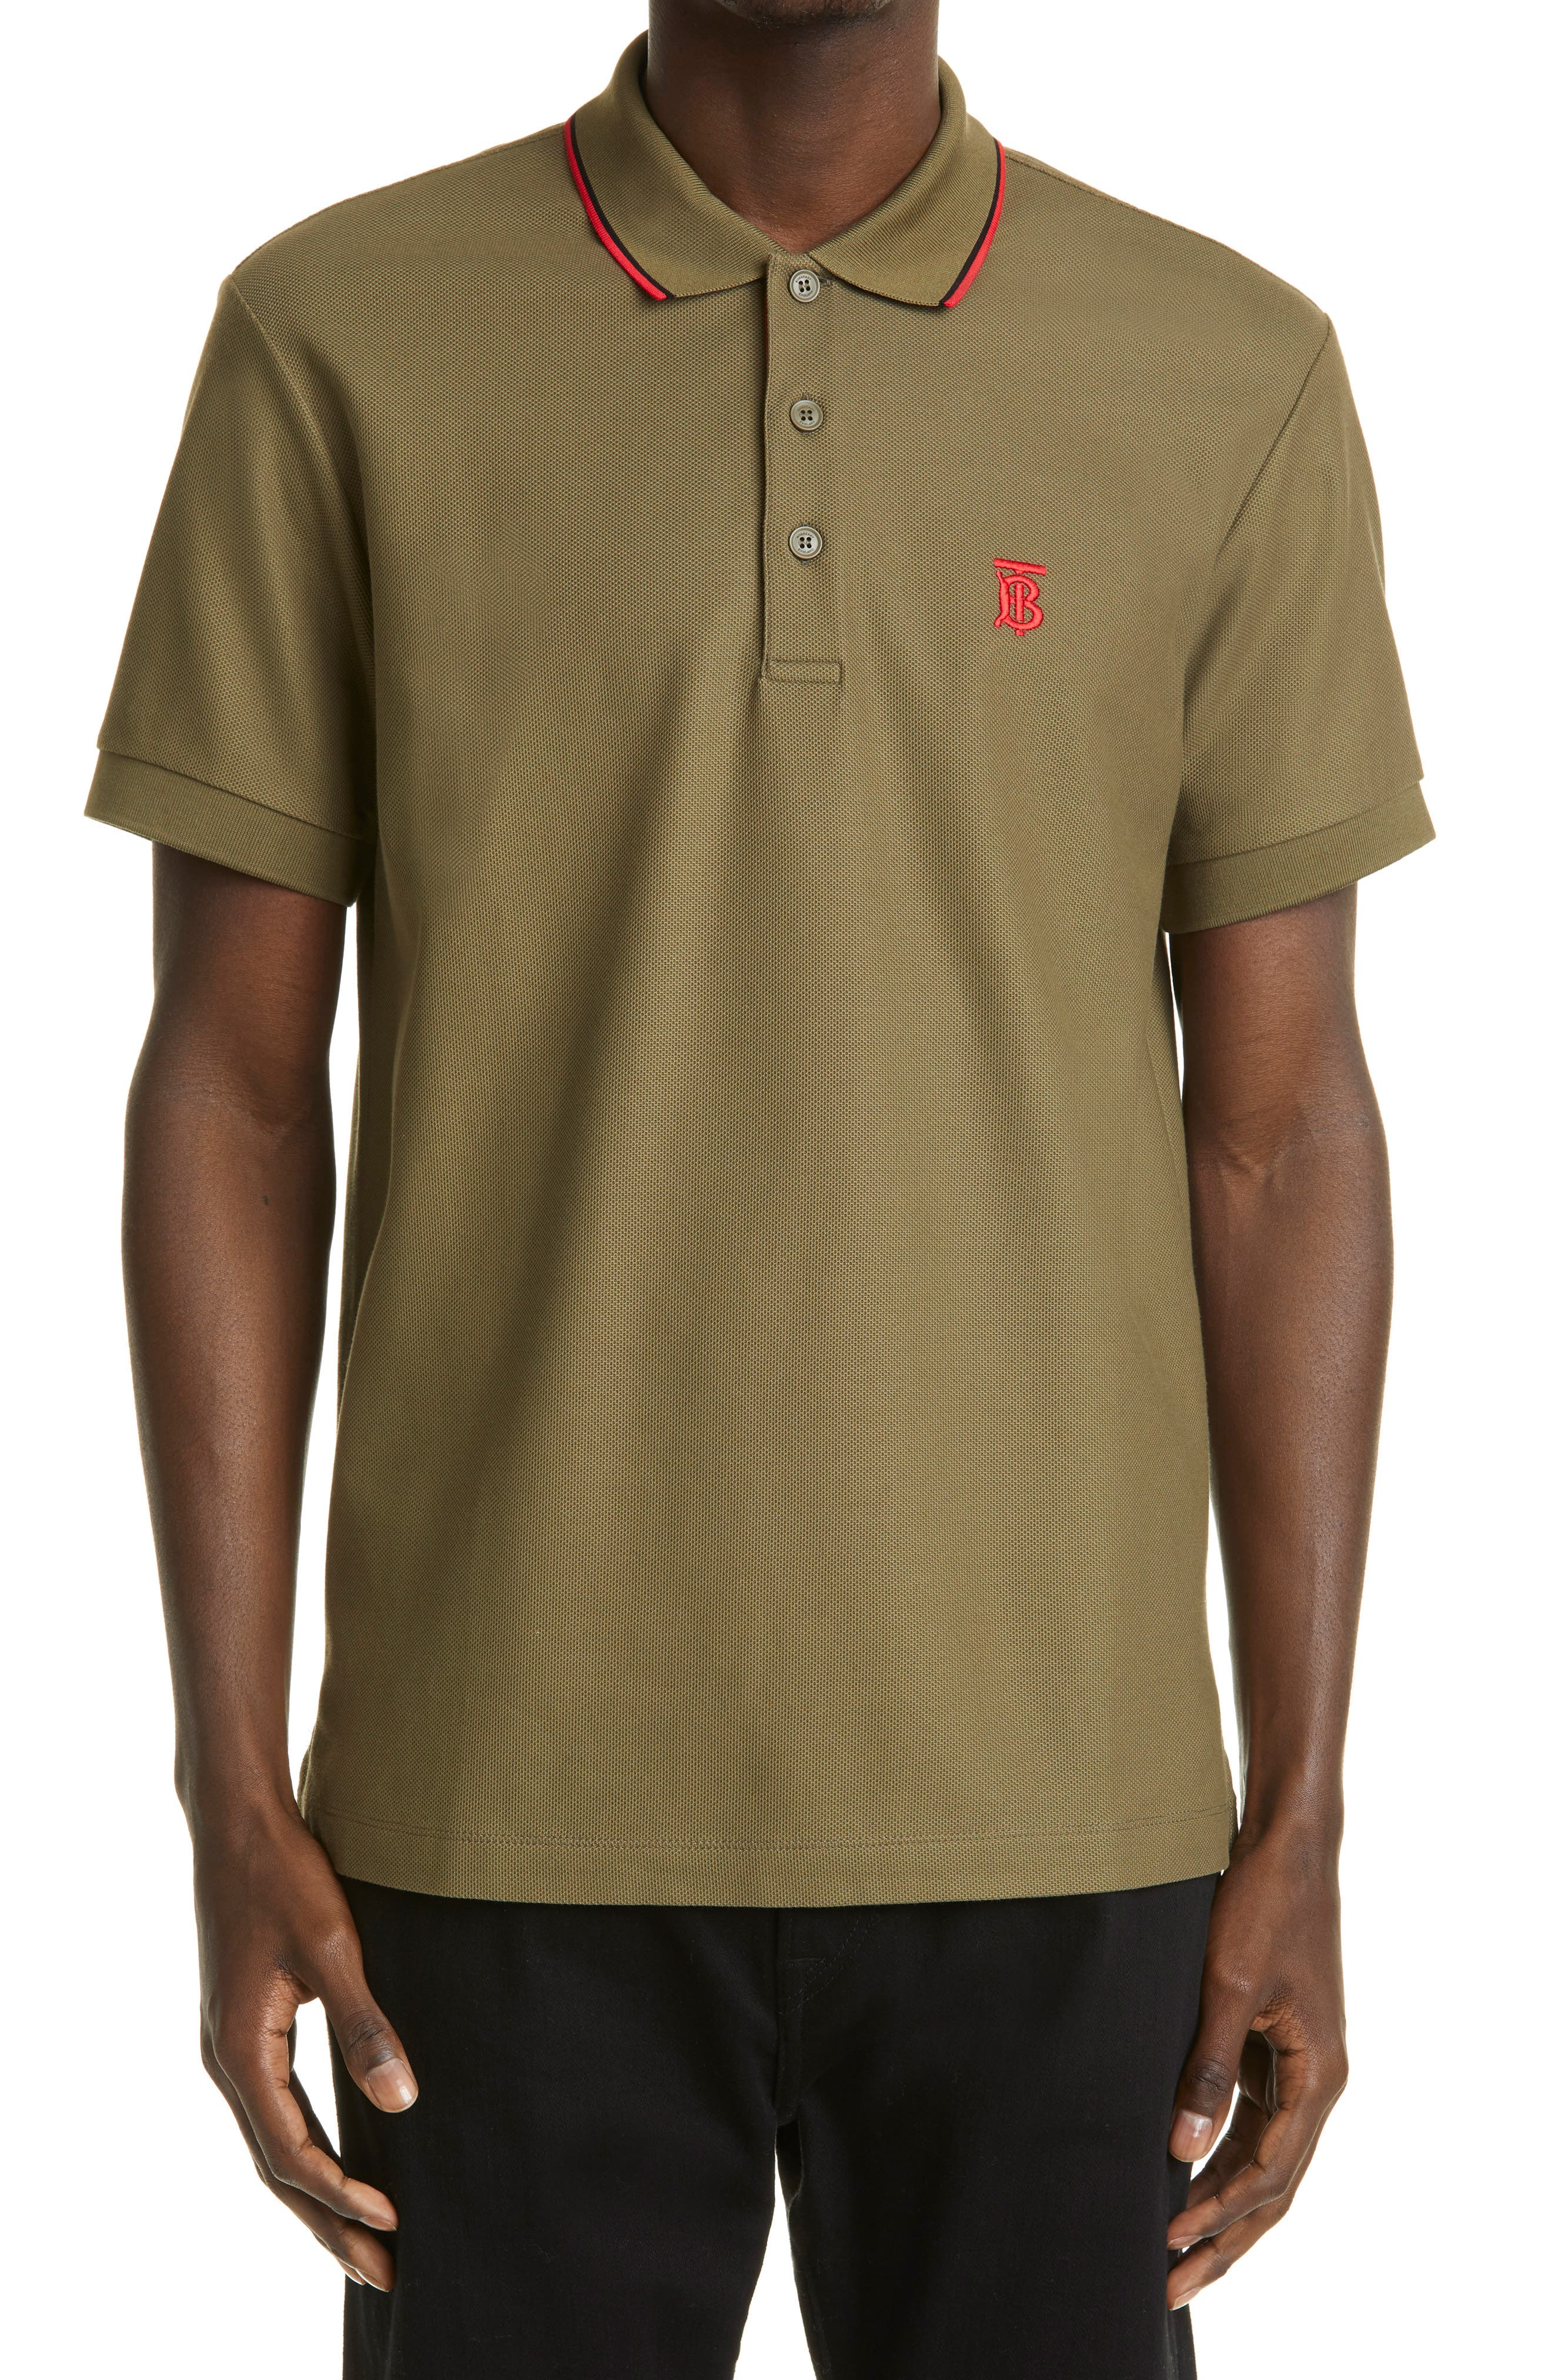 Designer Polo Shirts for Men: Short & Long Sleeves | Nordstrom